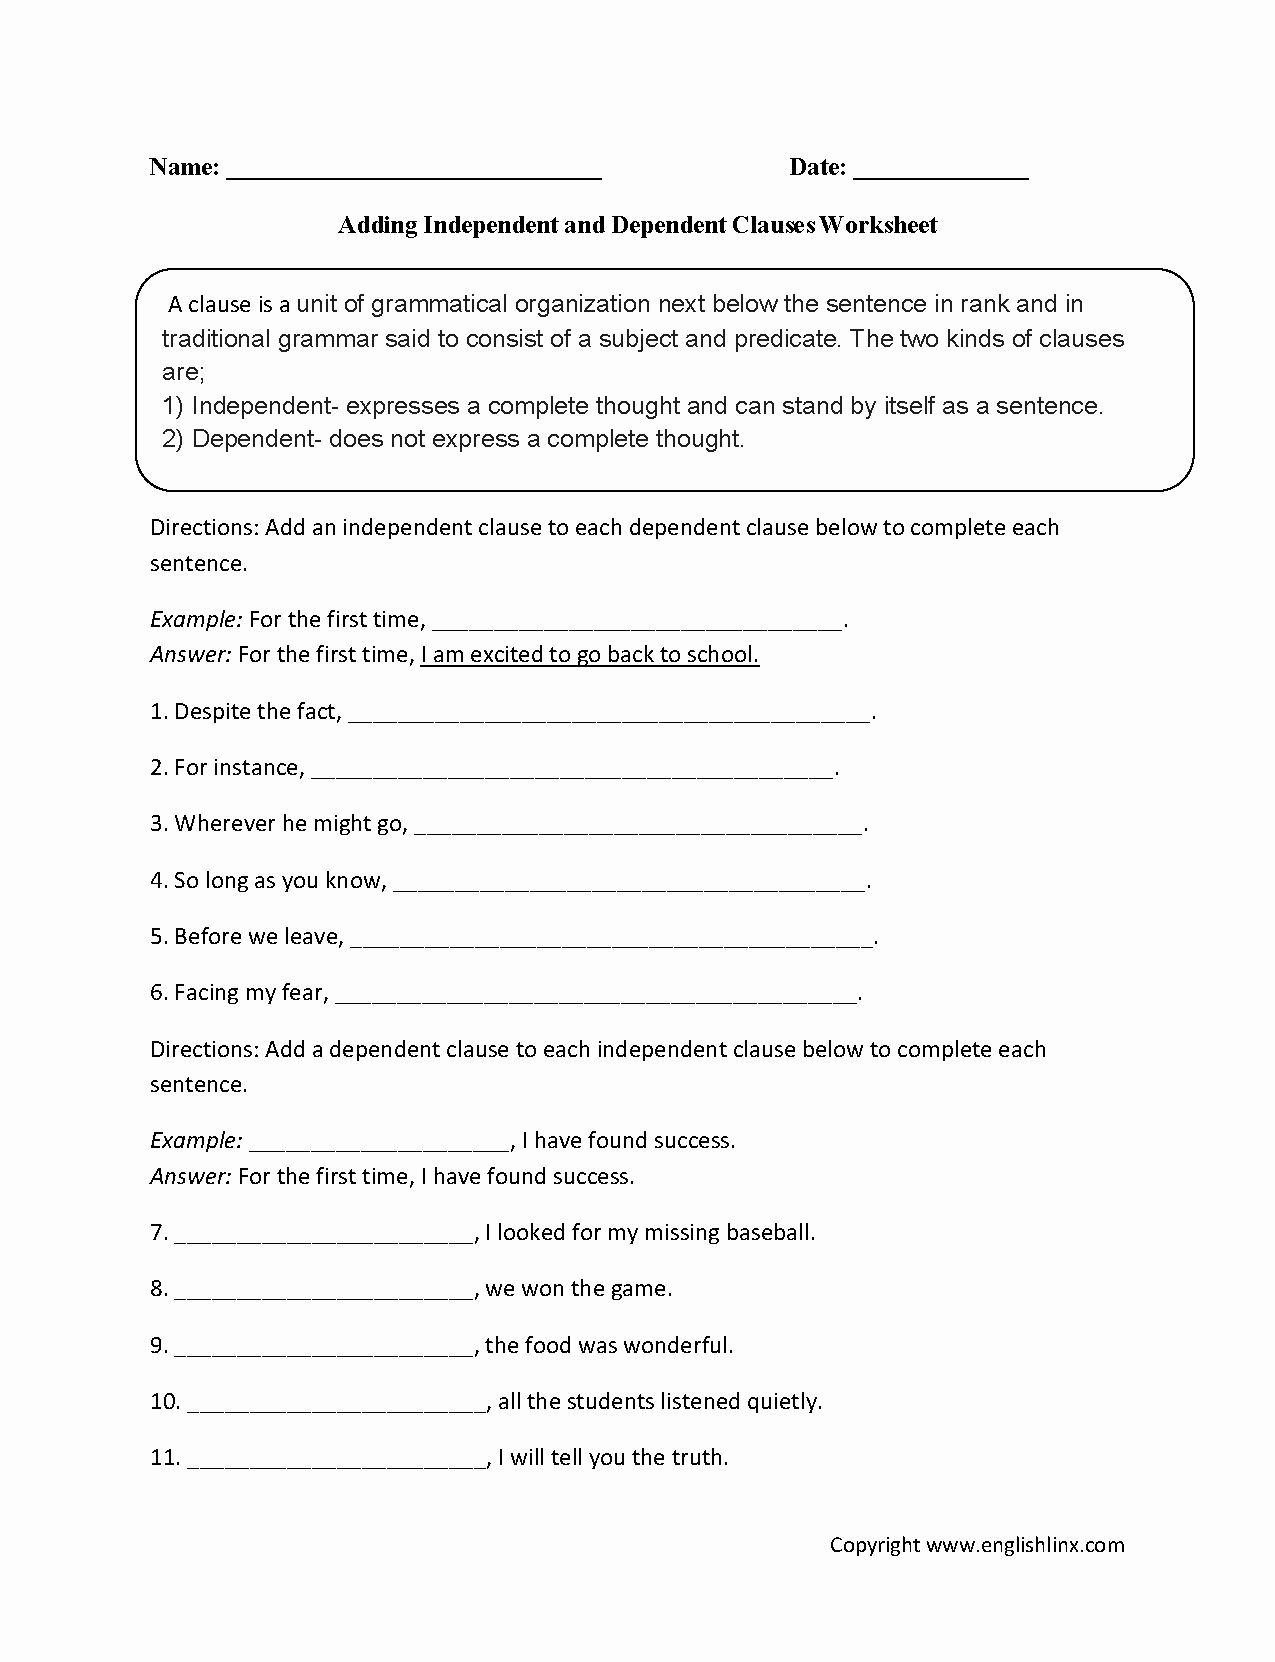 Scientific Method Worksheets 5th Grade Luxury Scientific Method Worksheet 5th Grade — Db Excel